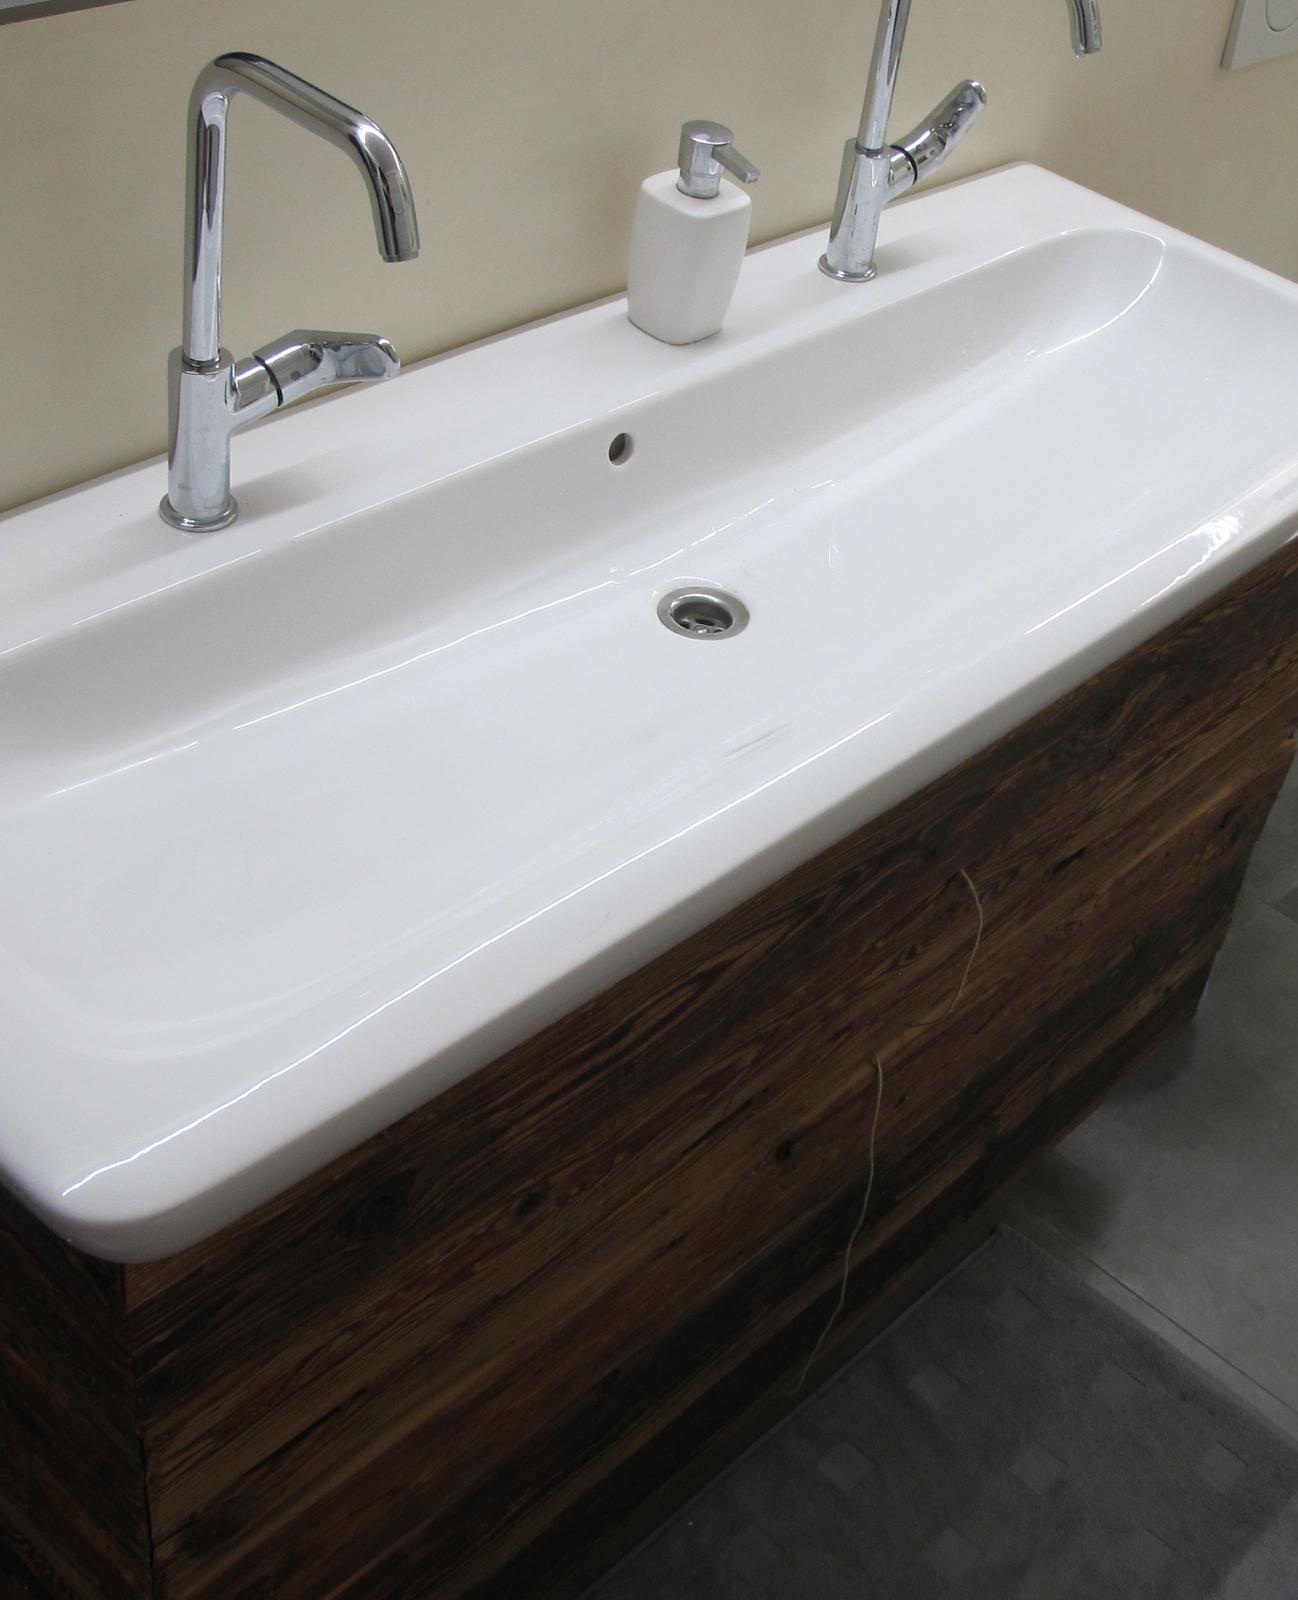 Koupelna s marockým štukem - Ještě chybí kožené úchytky :)